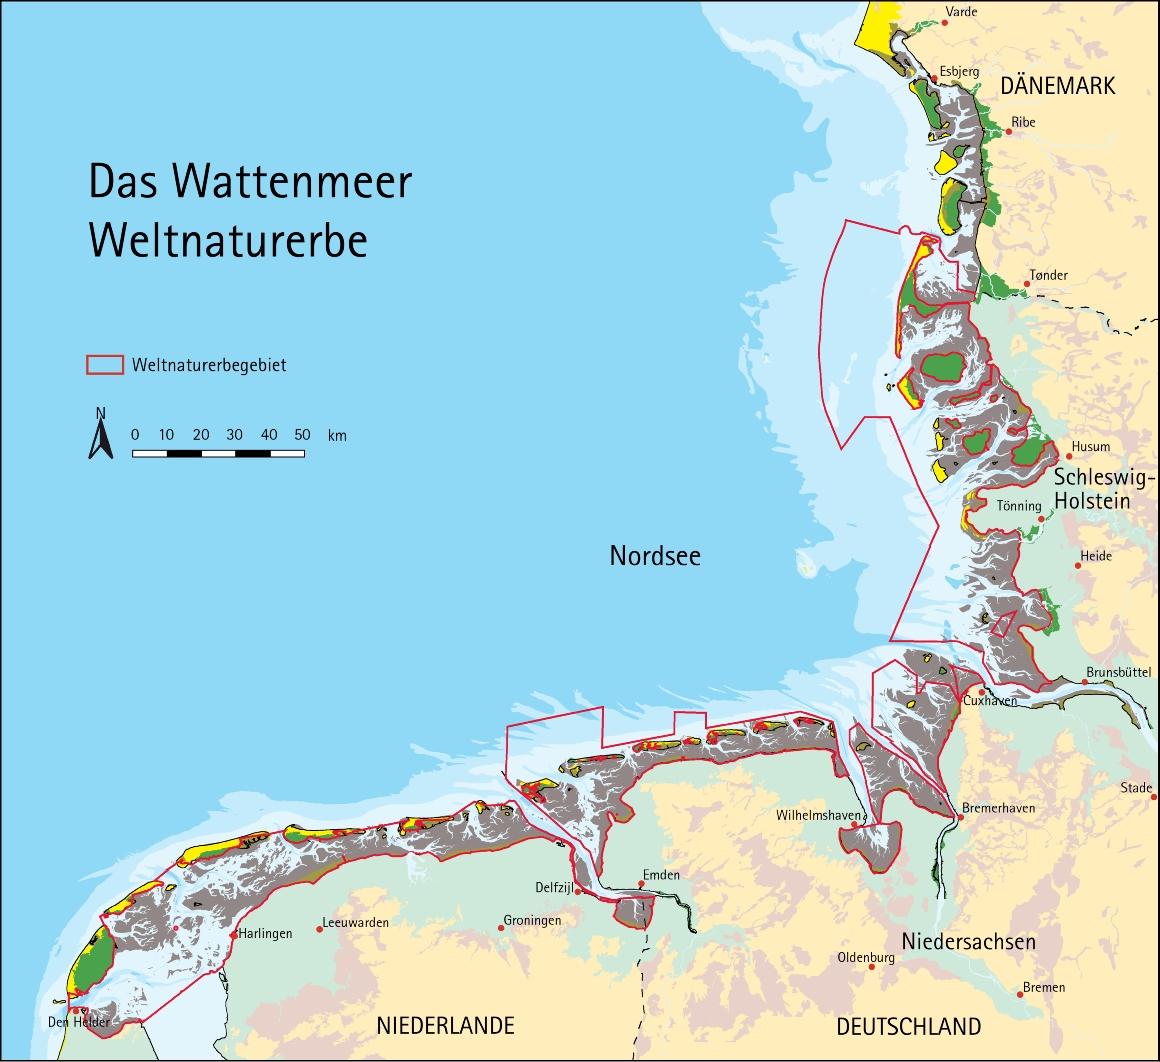 größter aal deutschlands in bremerhaven